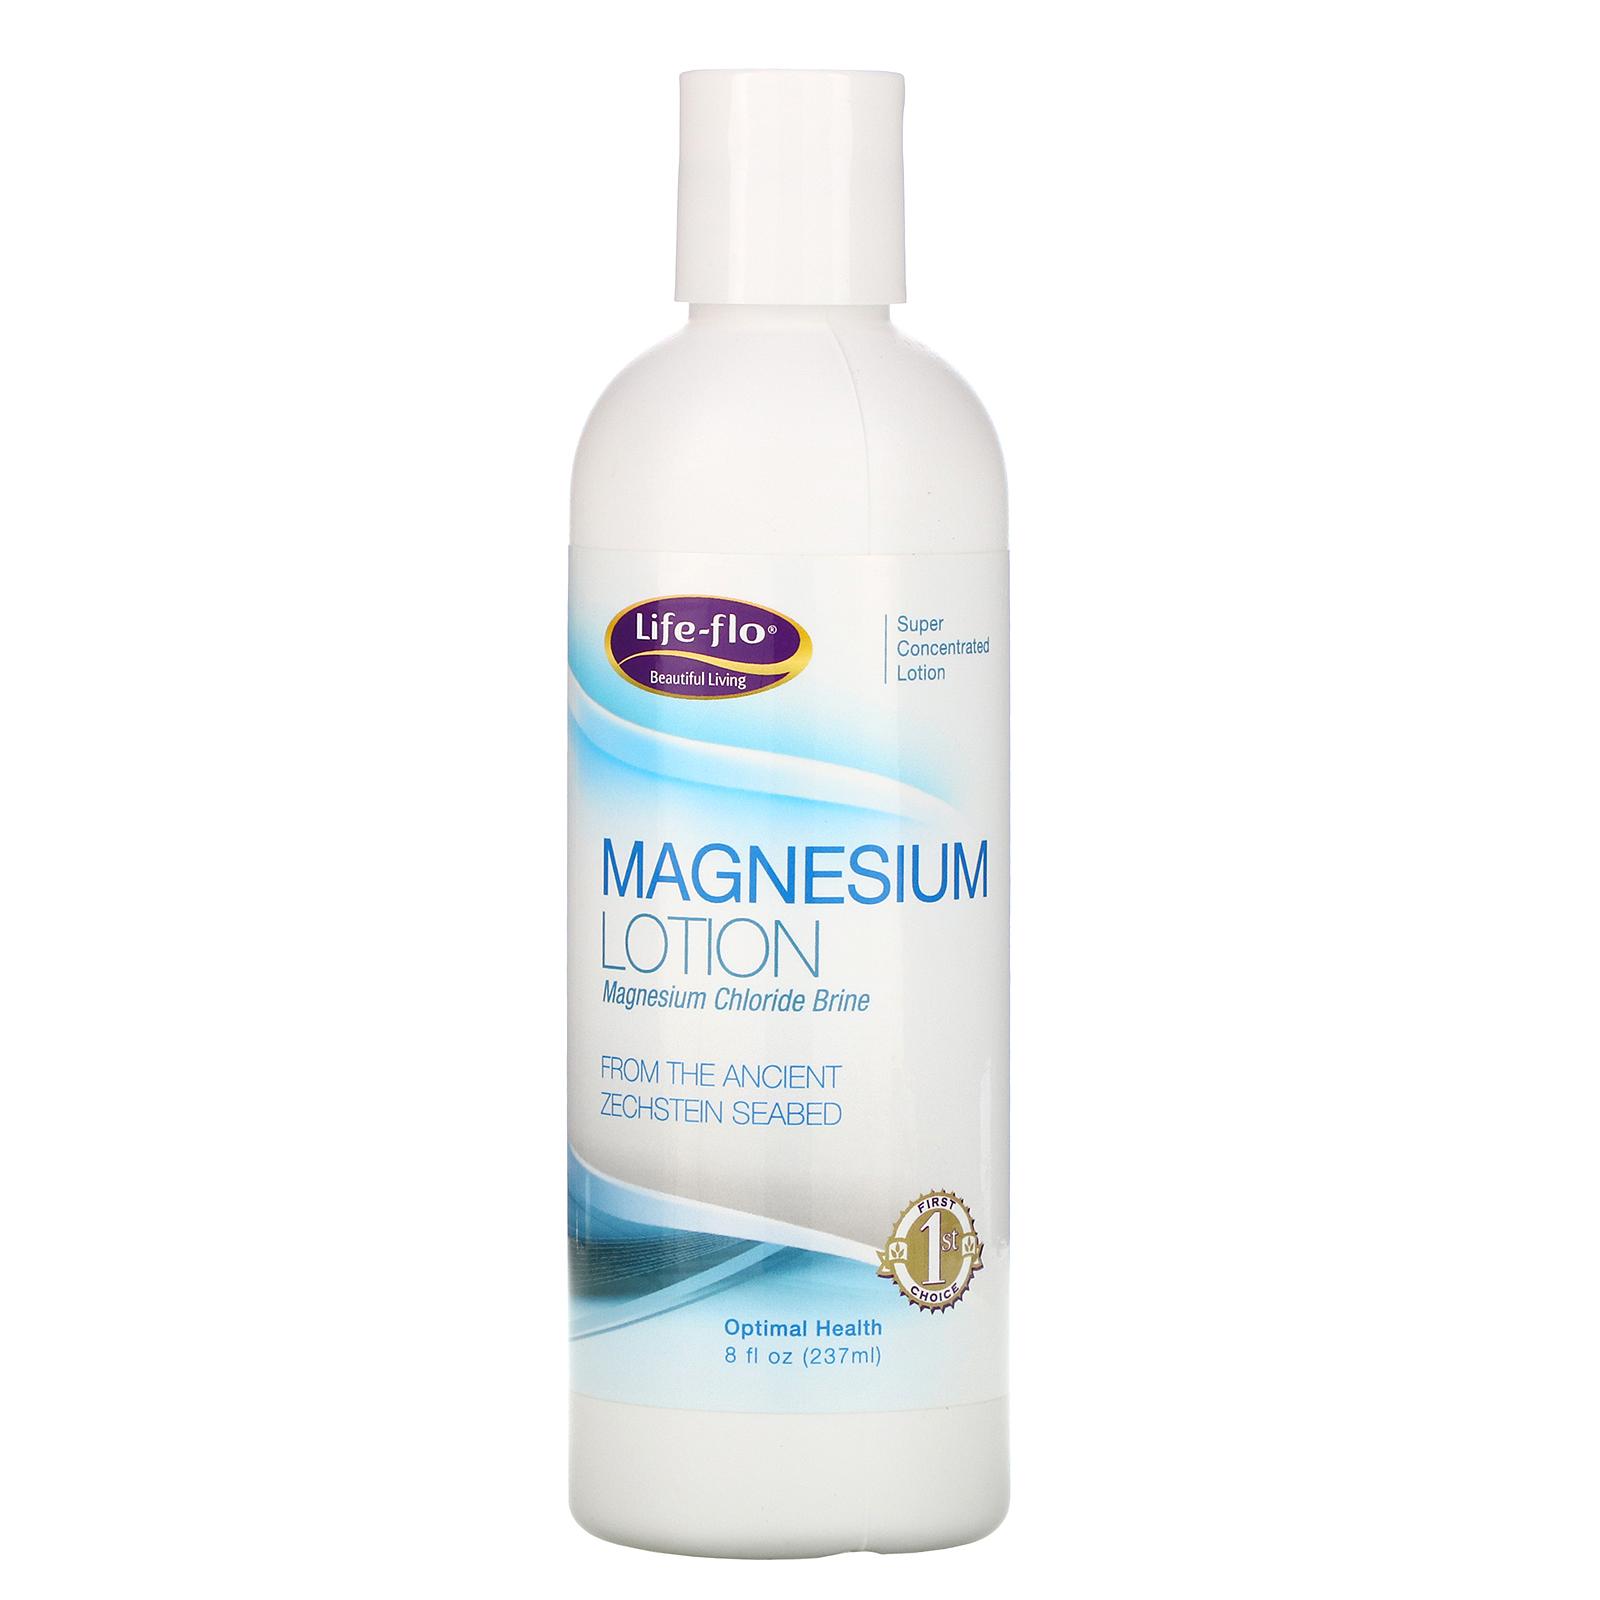 Life-flo Magnesium Lotion 8 fl oz (237 ml) - iHerb